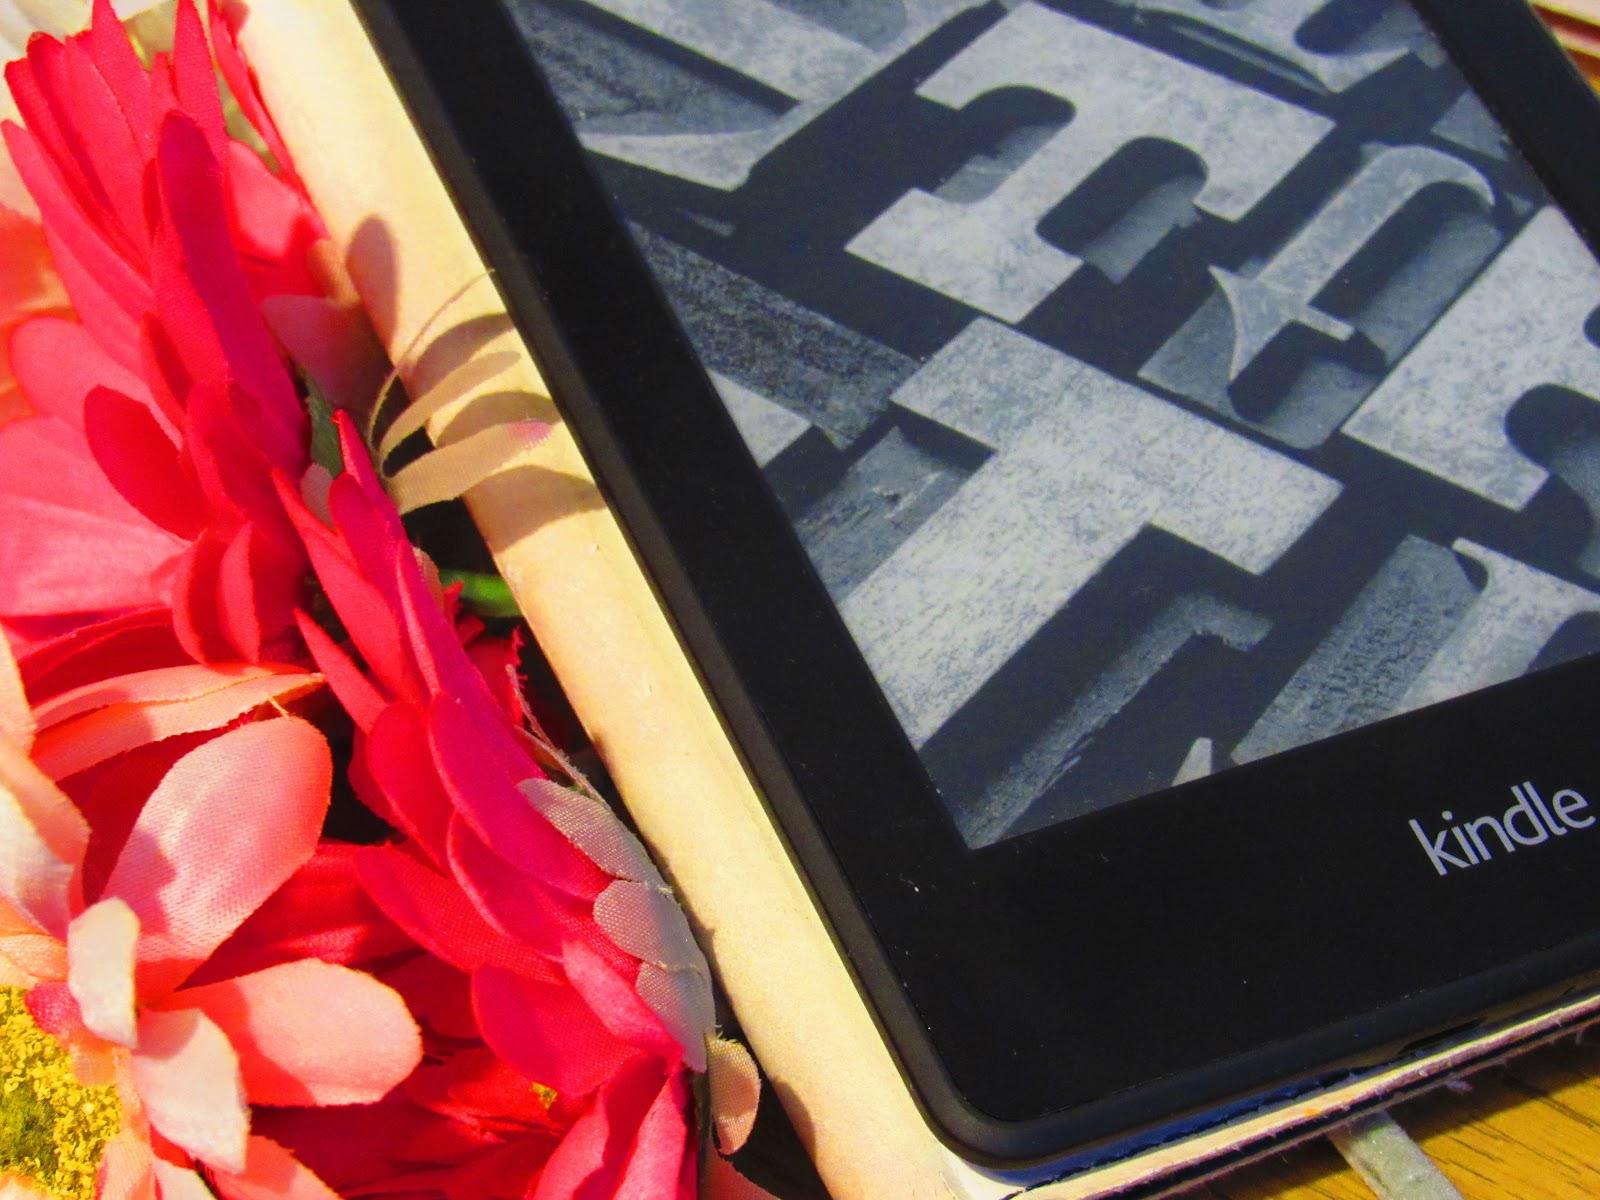 Pink floral arrangement and Kindle